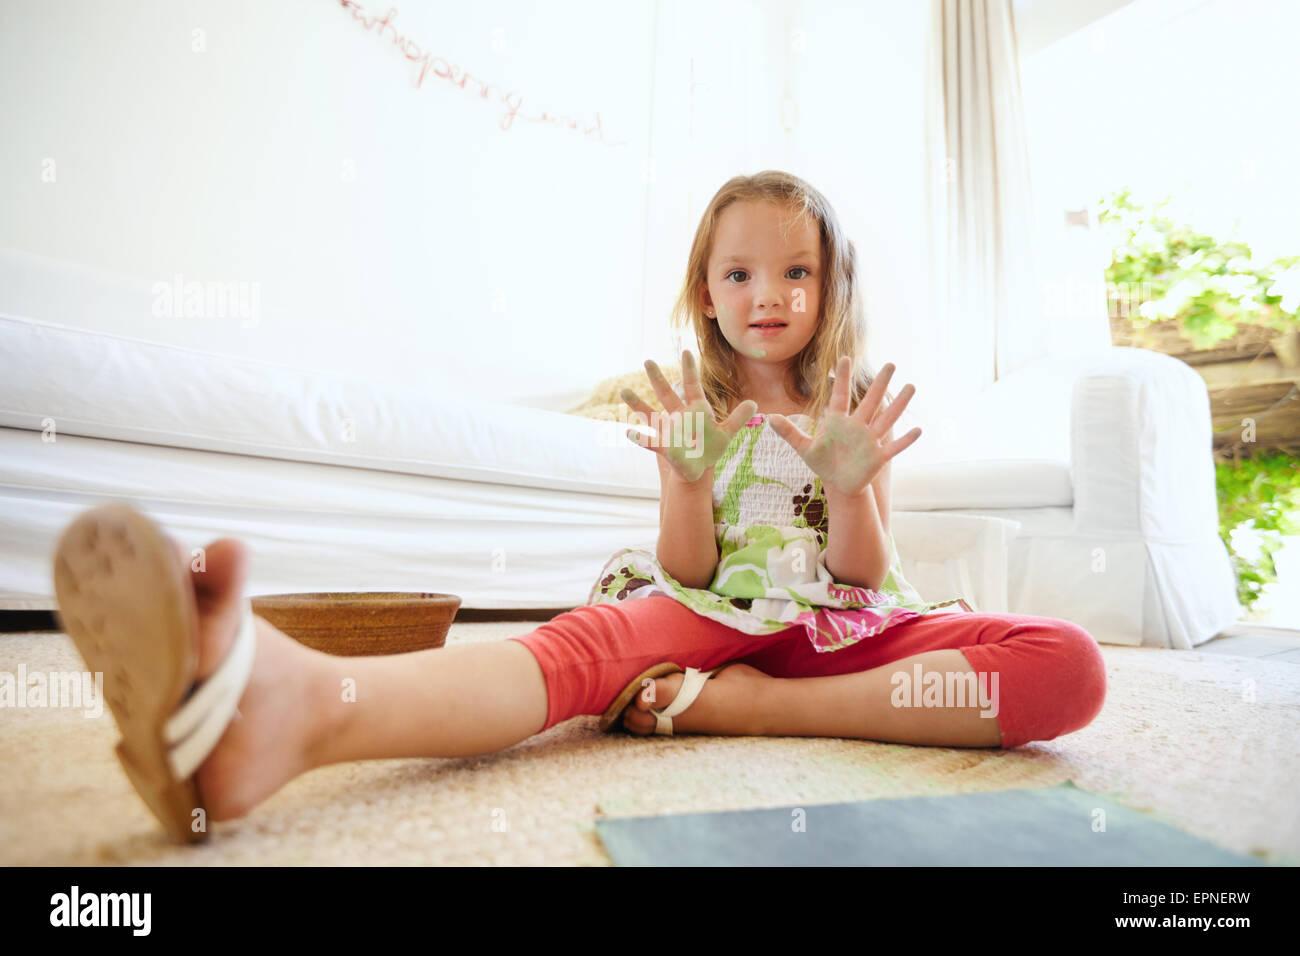 Ritratto di bella bambina avendo divertimento mentre la pittura. Schoolgirl seduta sul pavimento a casa mostrando Immagini Stock